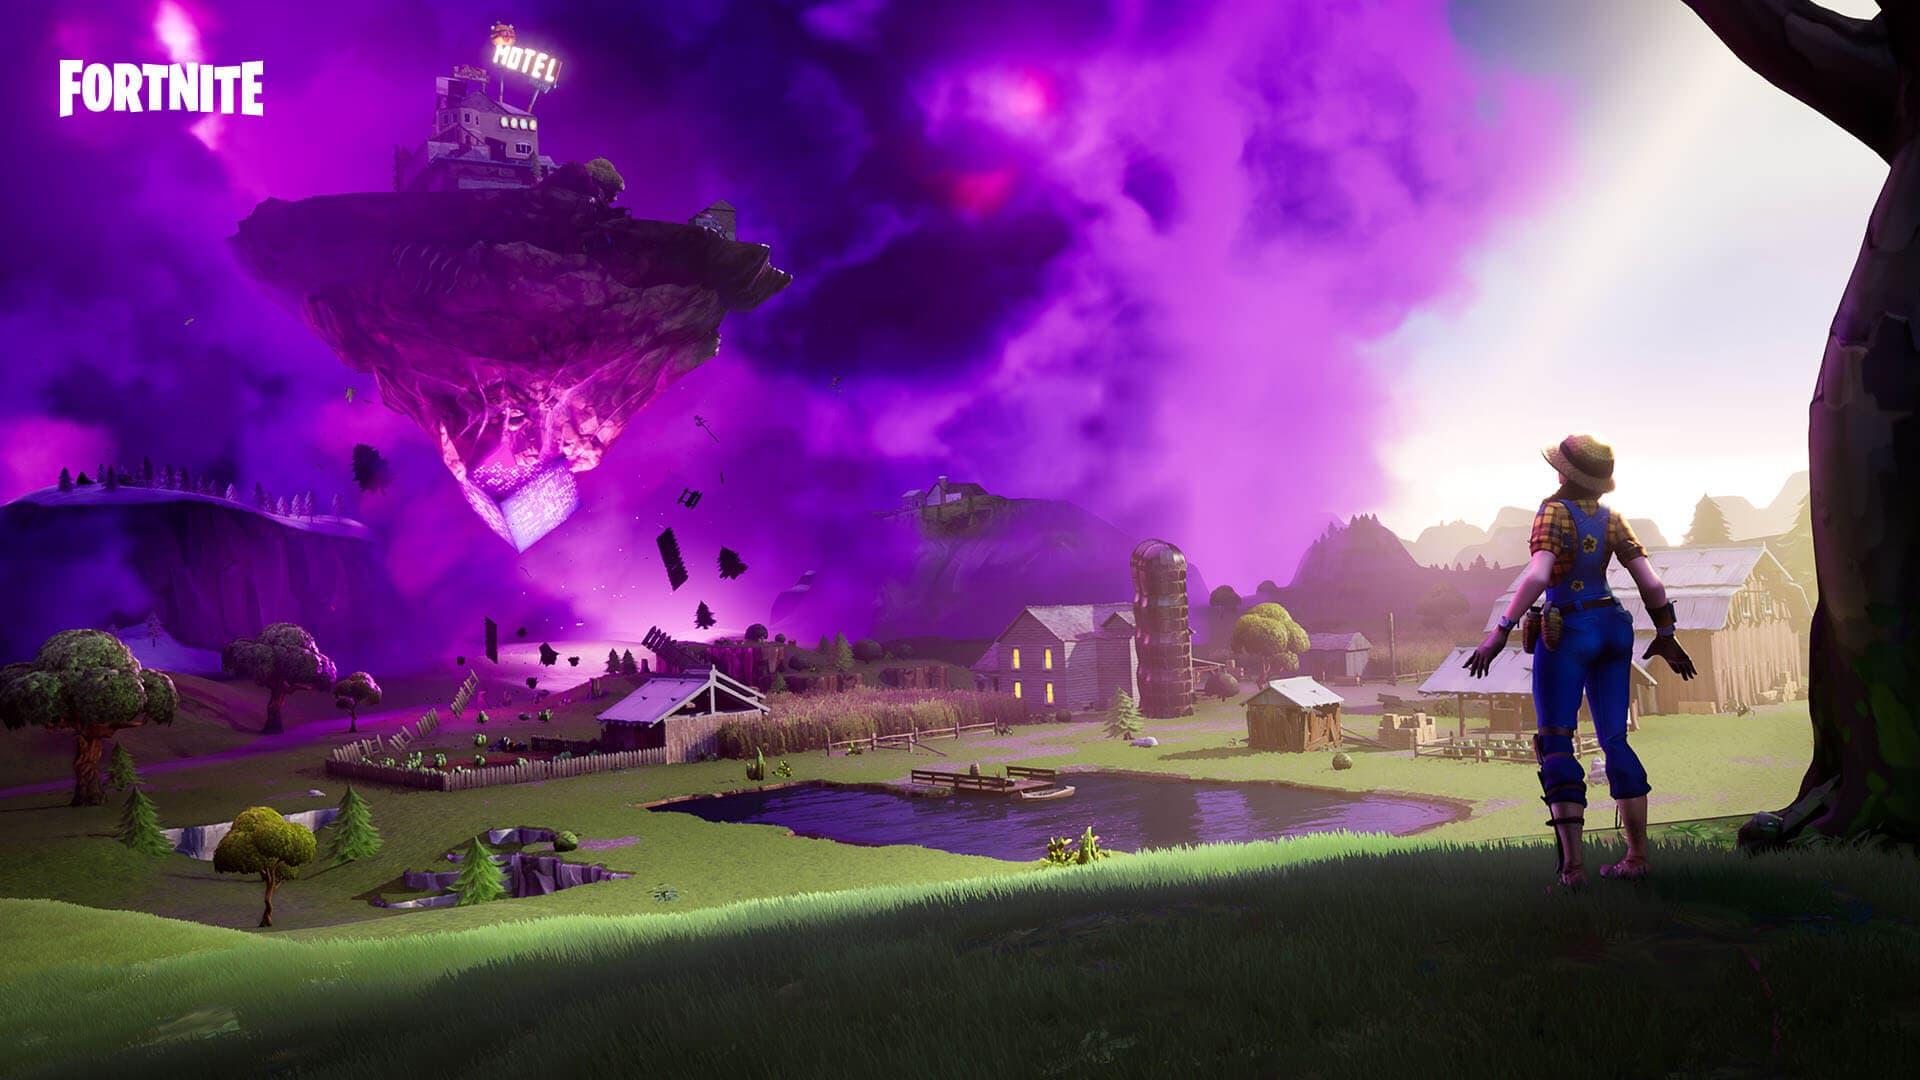 Fortnite-floating-island